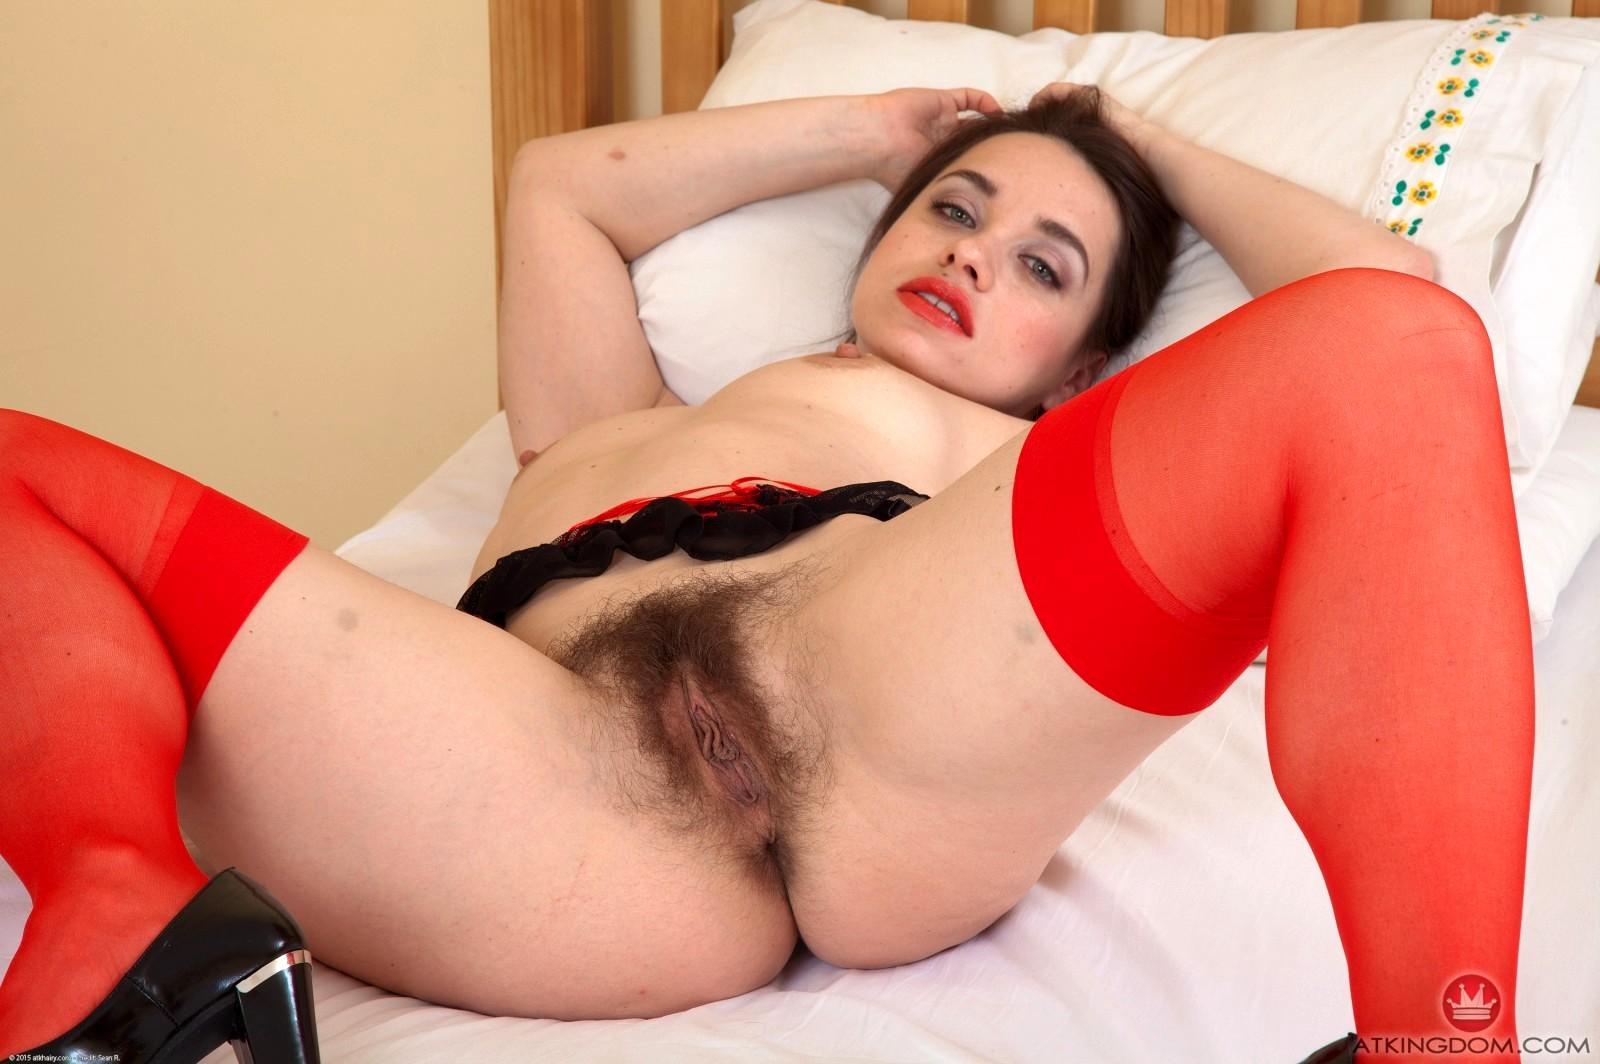 x rated pornstar